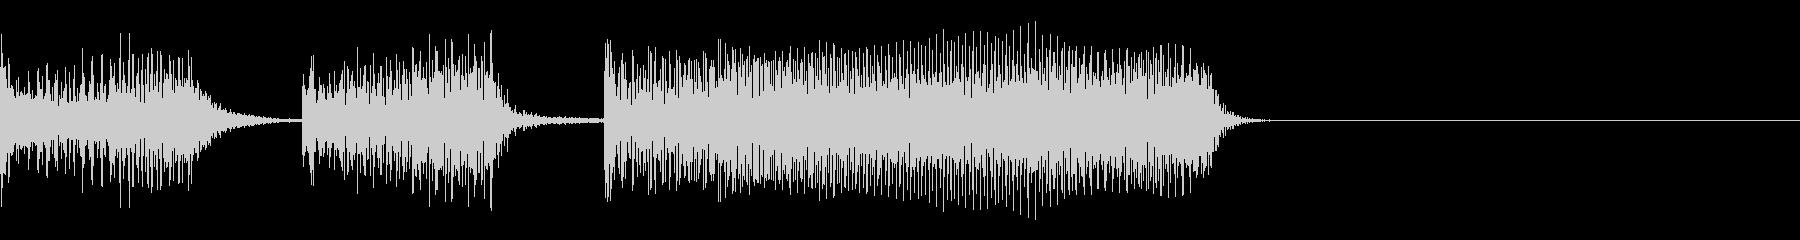 ファミコン テッテレー(レベルアップ)の未再生の波形